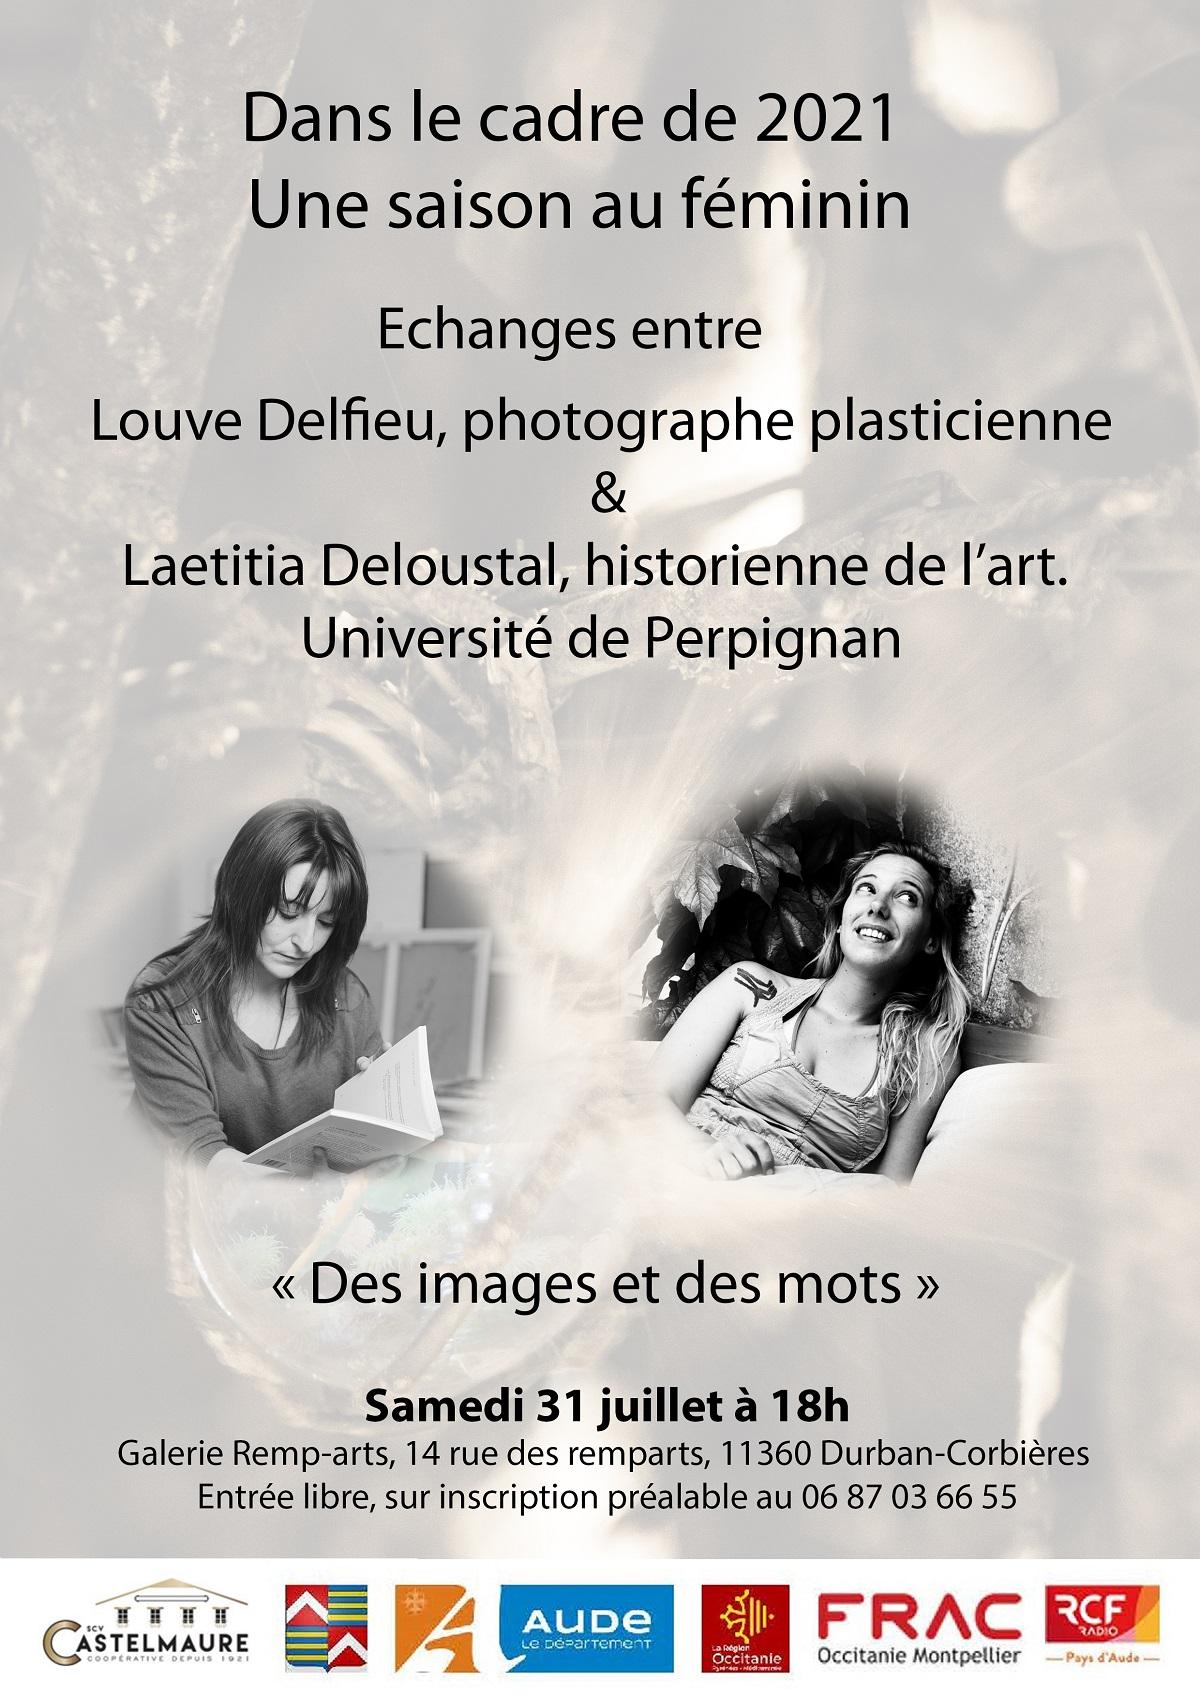 """""""Une saison au féminin"""" échange entre Louve Delfieu & Laetitia Deloustal"""